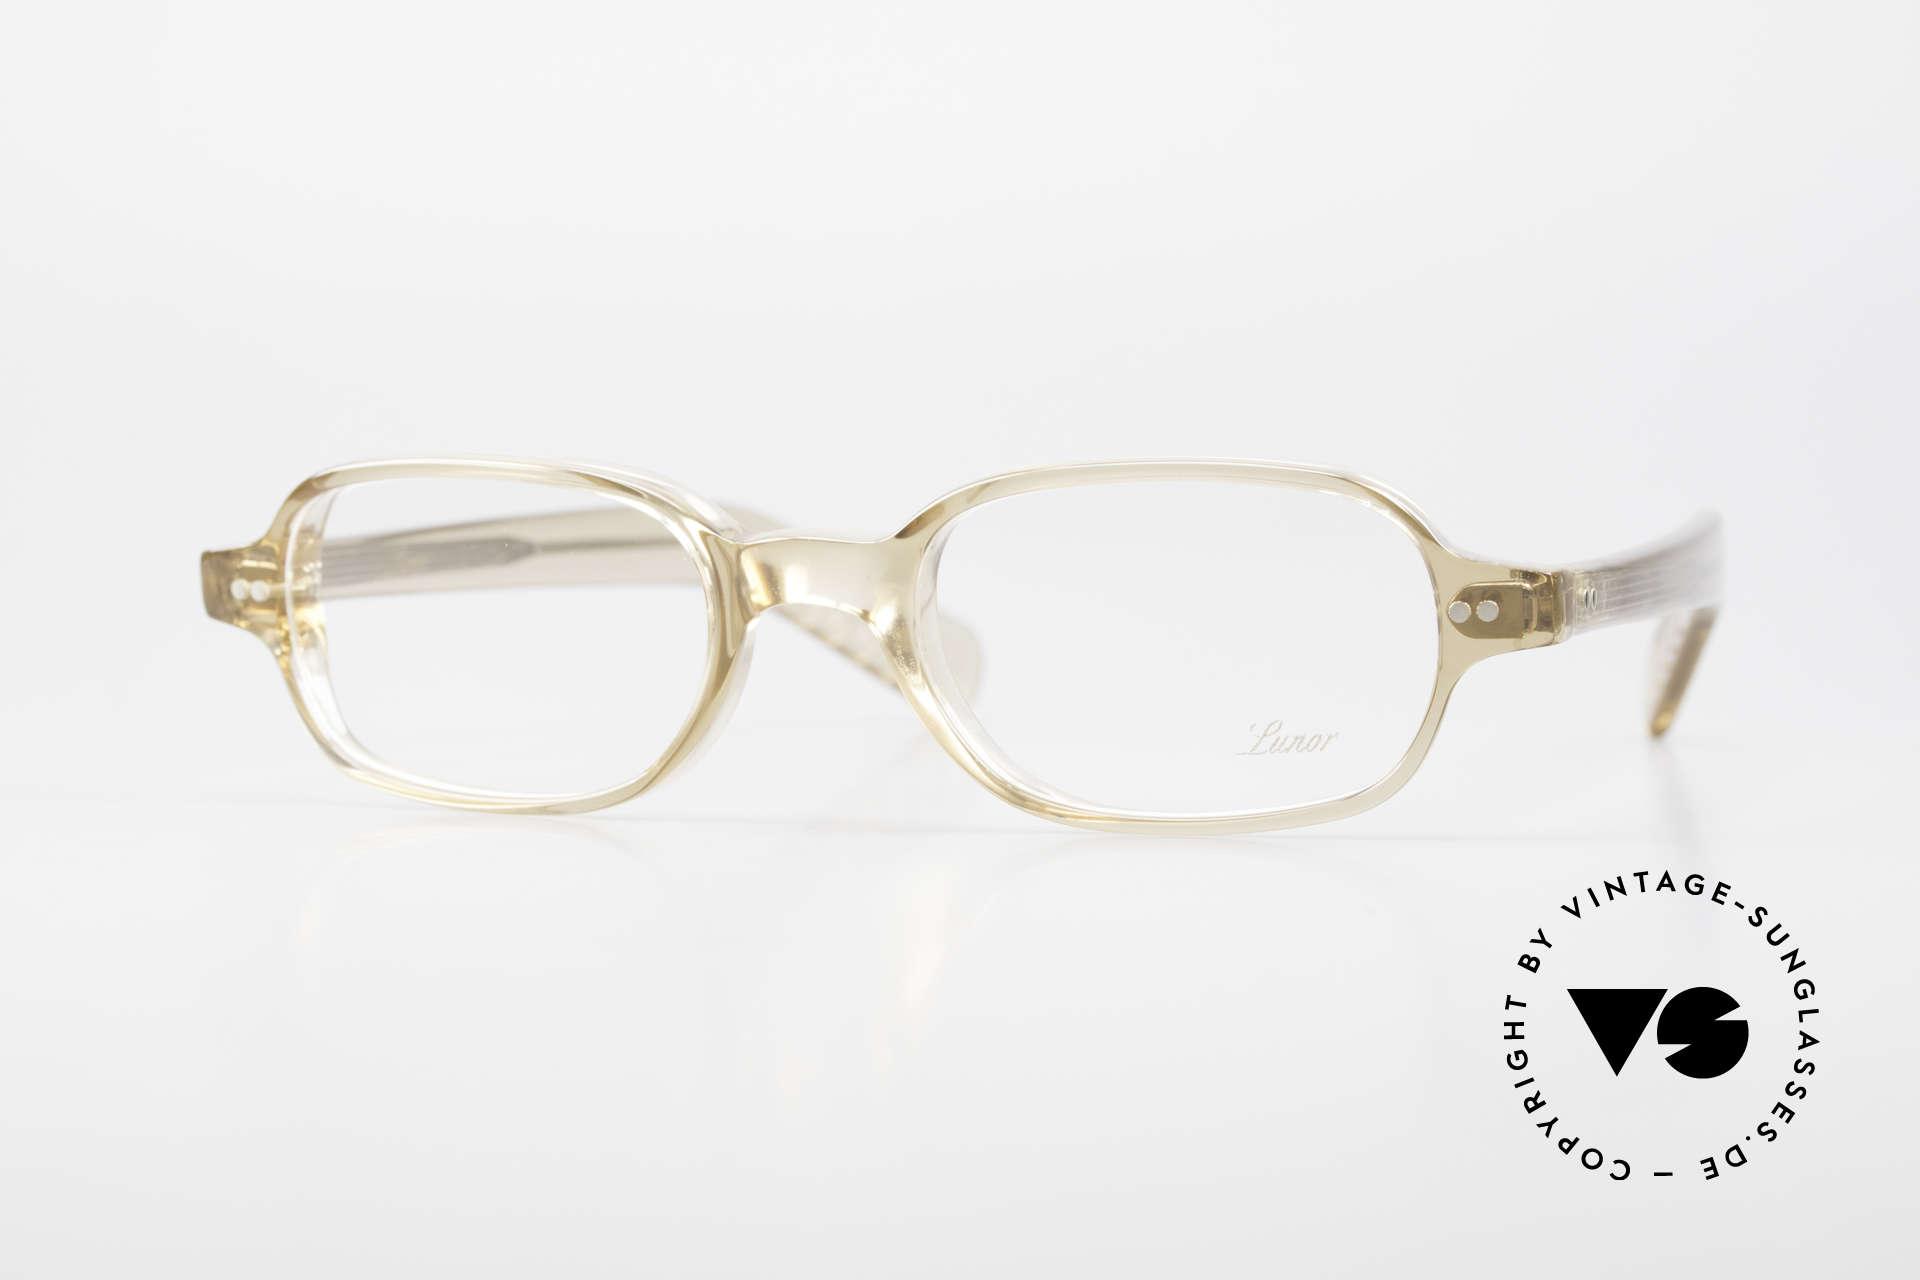 Lunor A56 Klassische Lunor Acetat Brille, Mod. 56: klassische Lunor Brille der Acetat-Kollektion, Passend für Herren und Damen